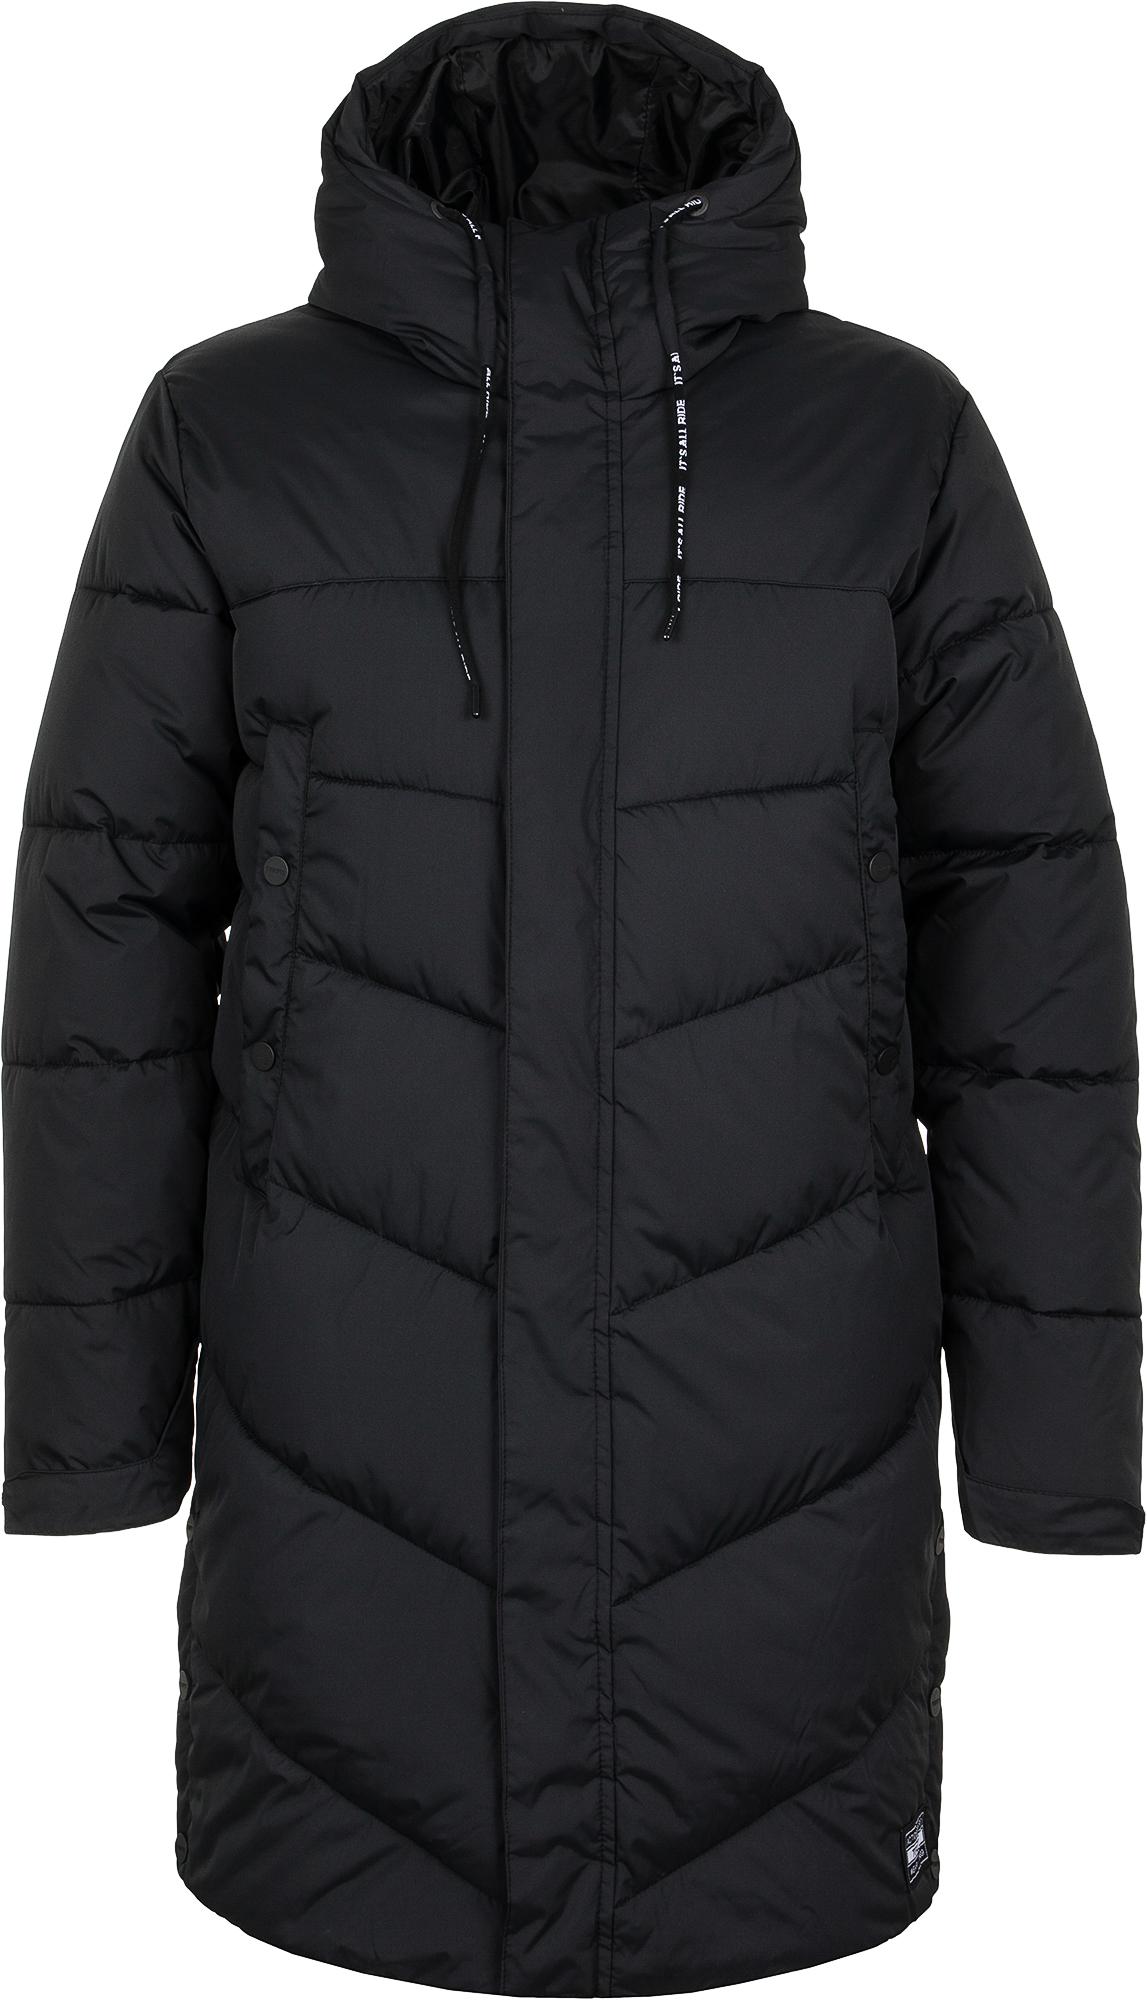 Termit Куртка утепленная мужская Termit, размер 44 цена